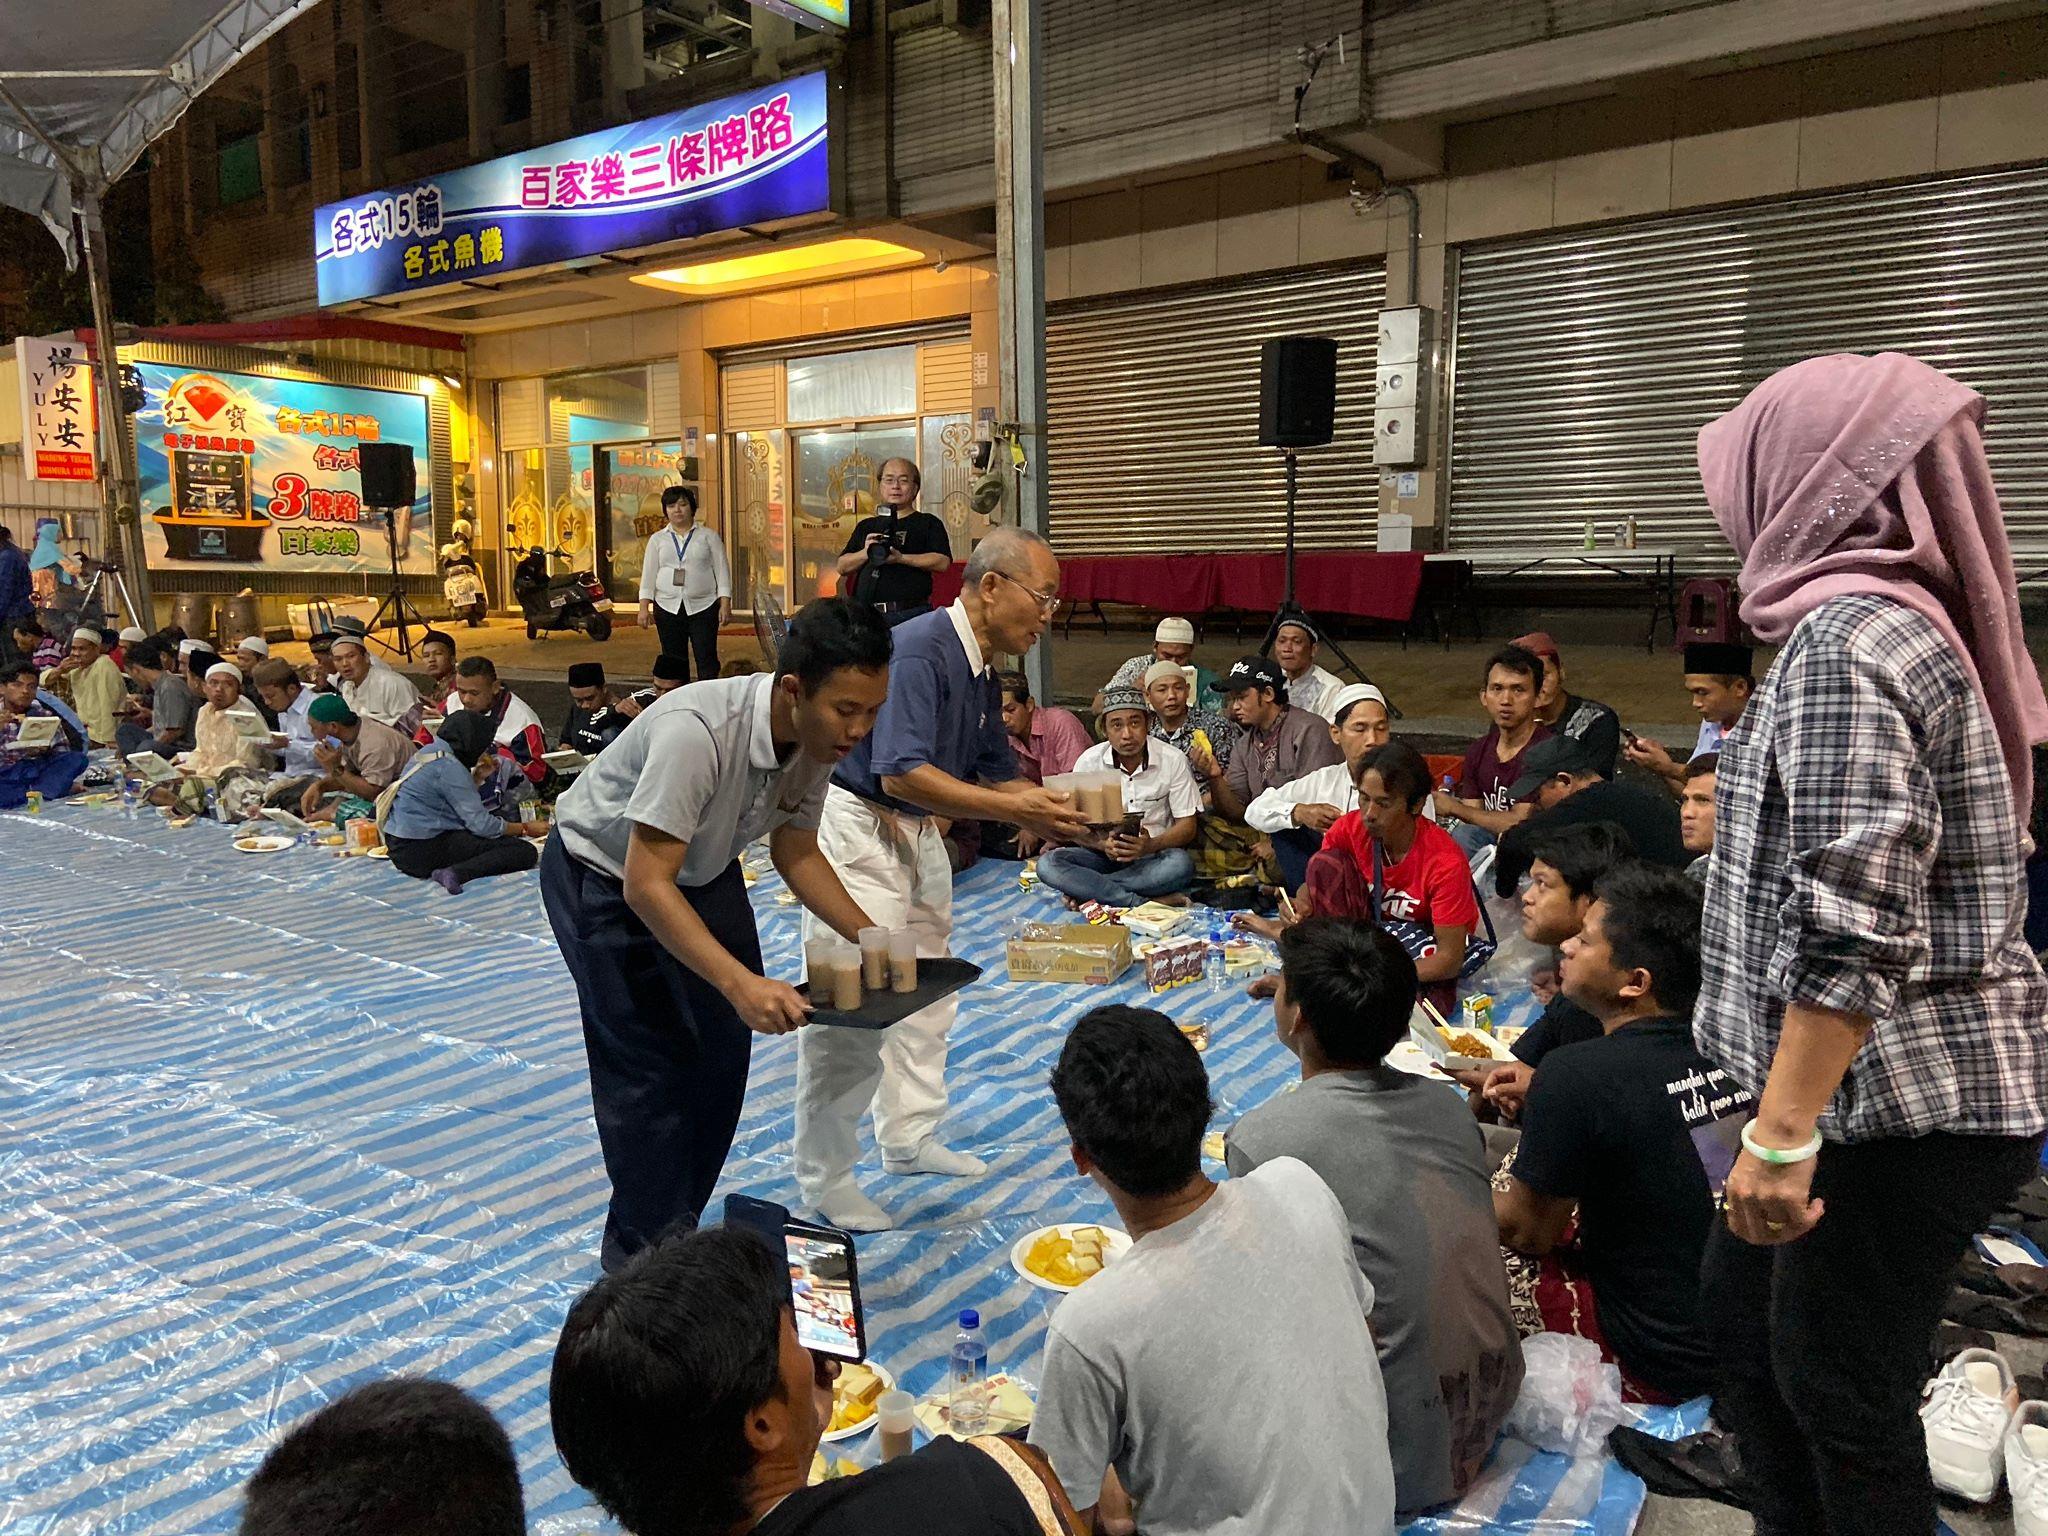 10月7日晚會上,慈科大印尼籍學生與慈濟志工劉世超用印尼文和印尼籍漁工互動。(攝影:洪妙卿)